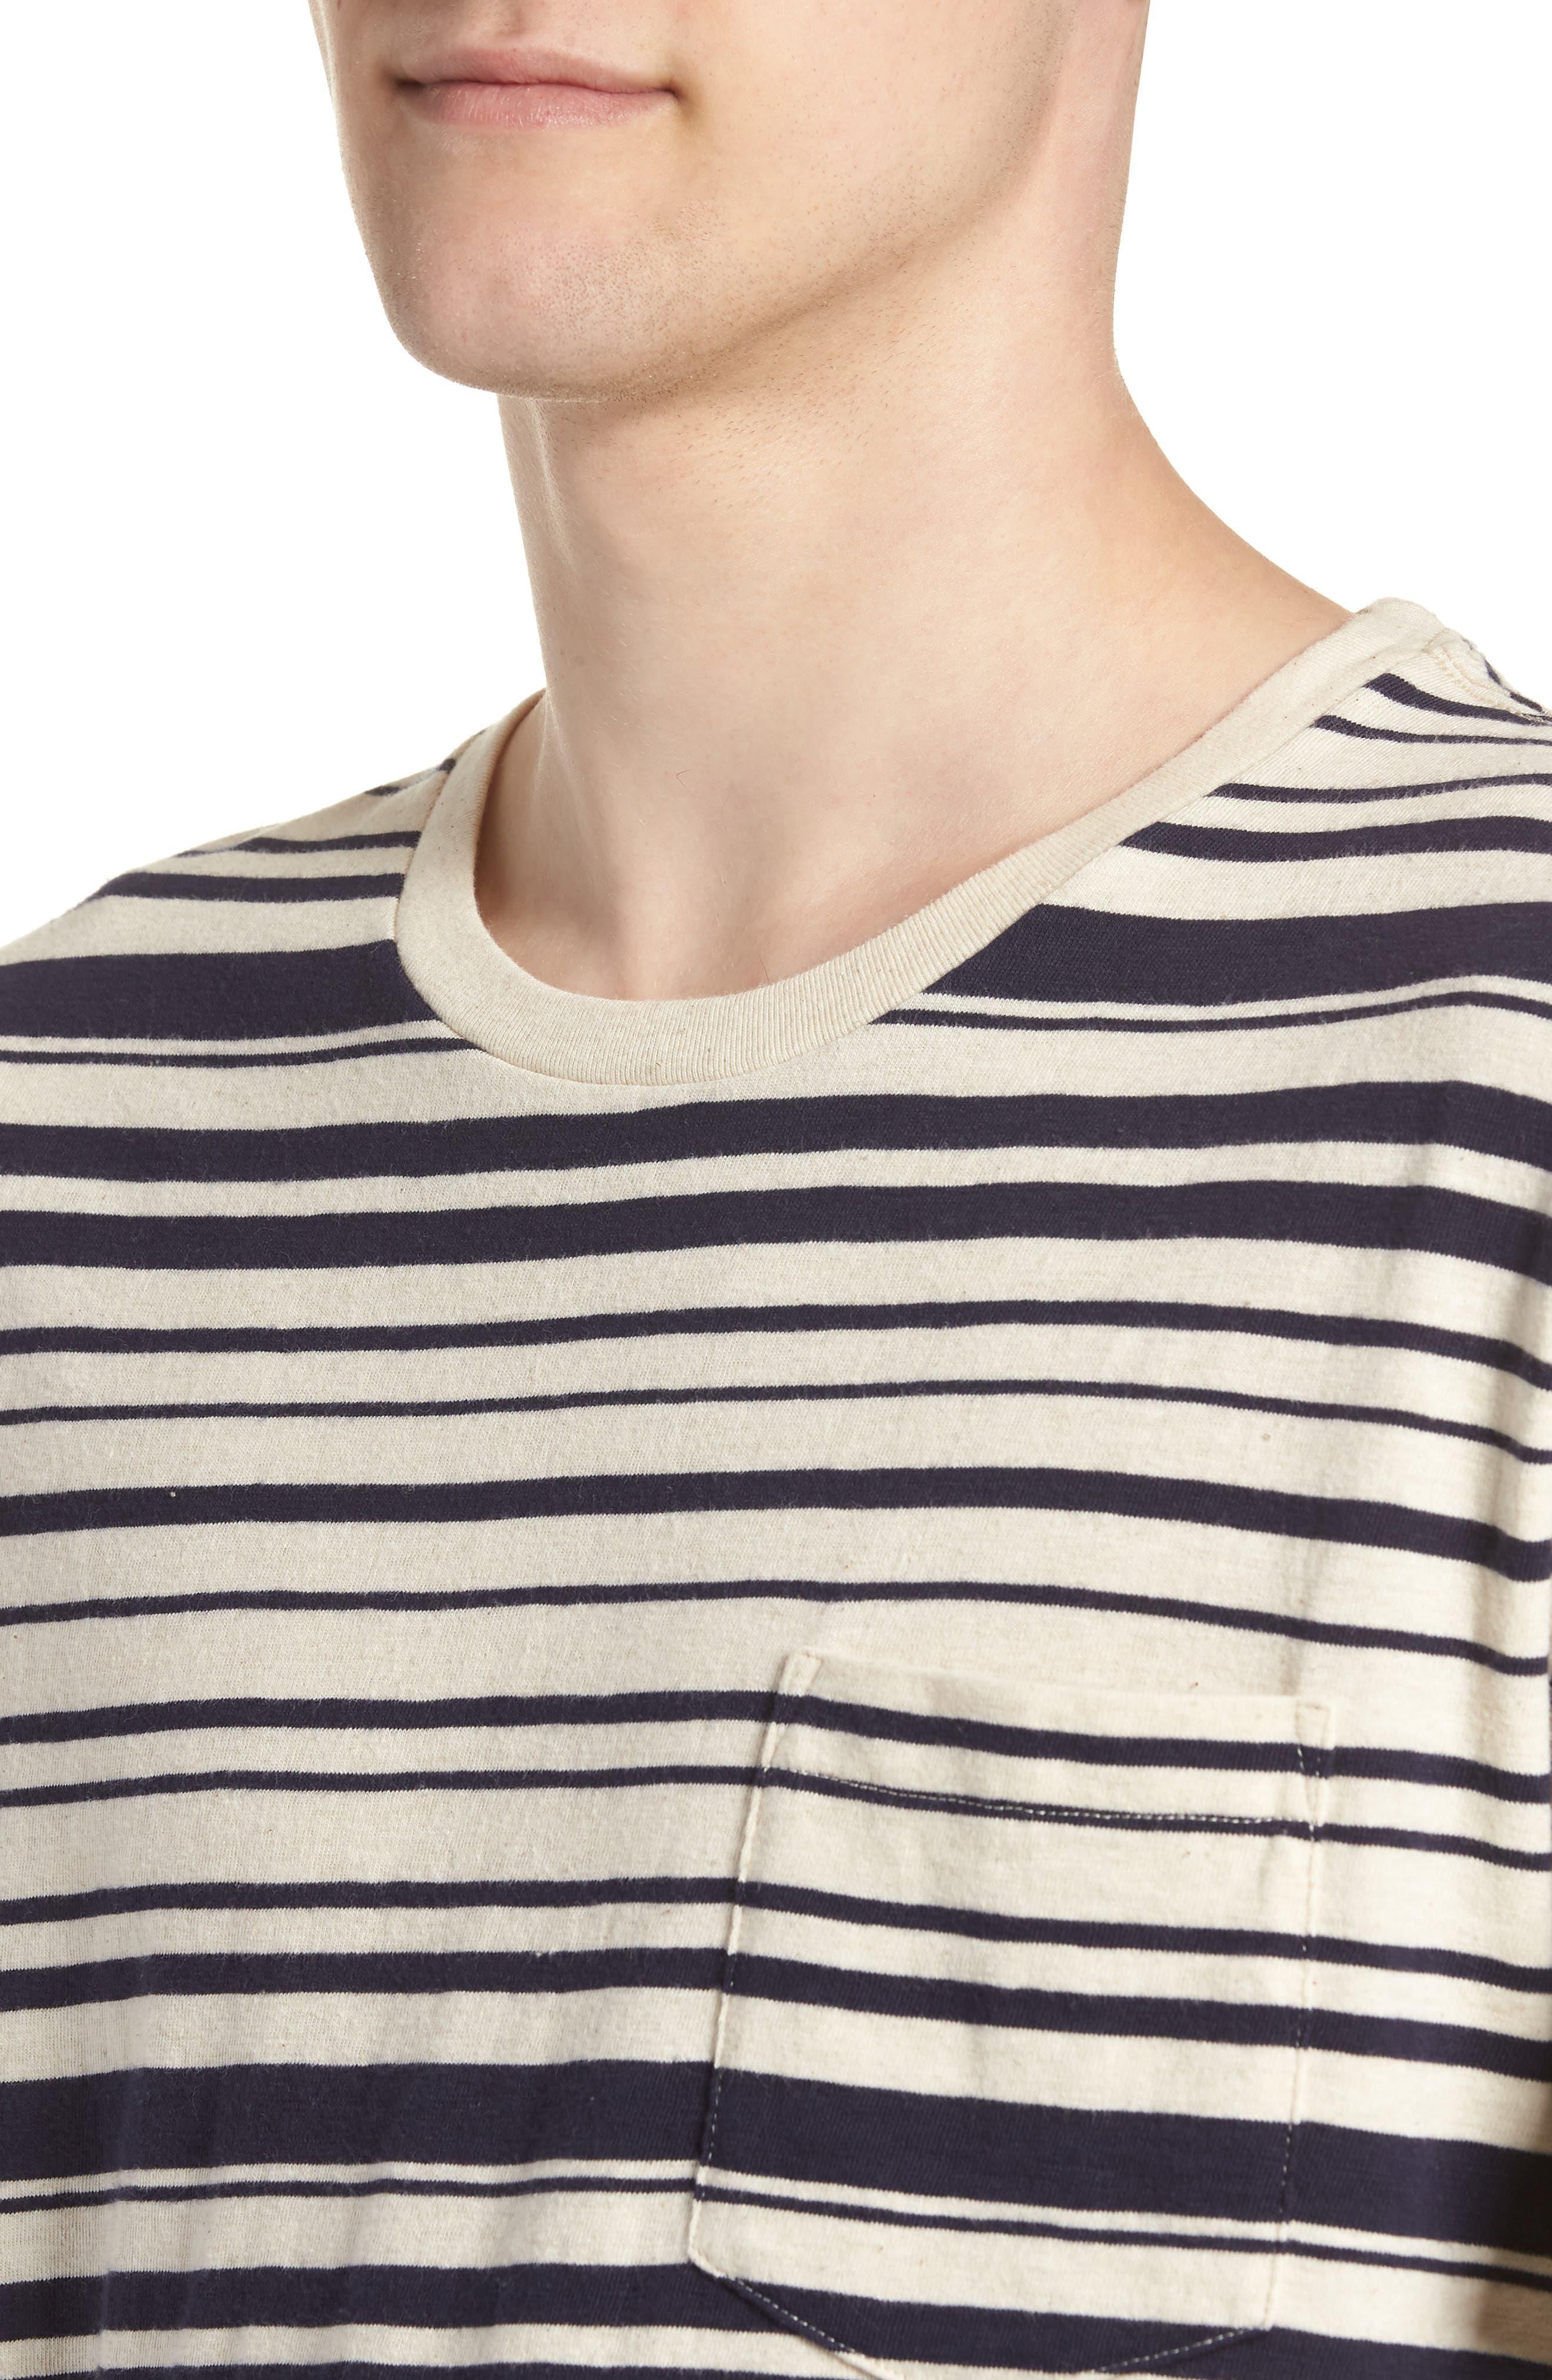 Variegated Stripe Slub Cotton T-Shirt,                             Alternate thumbnail 4, color,                             400